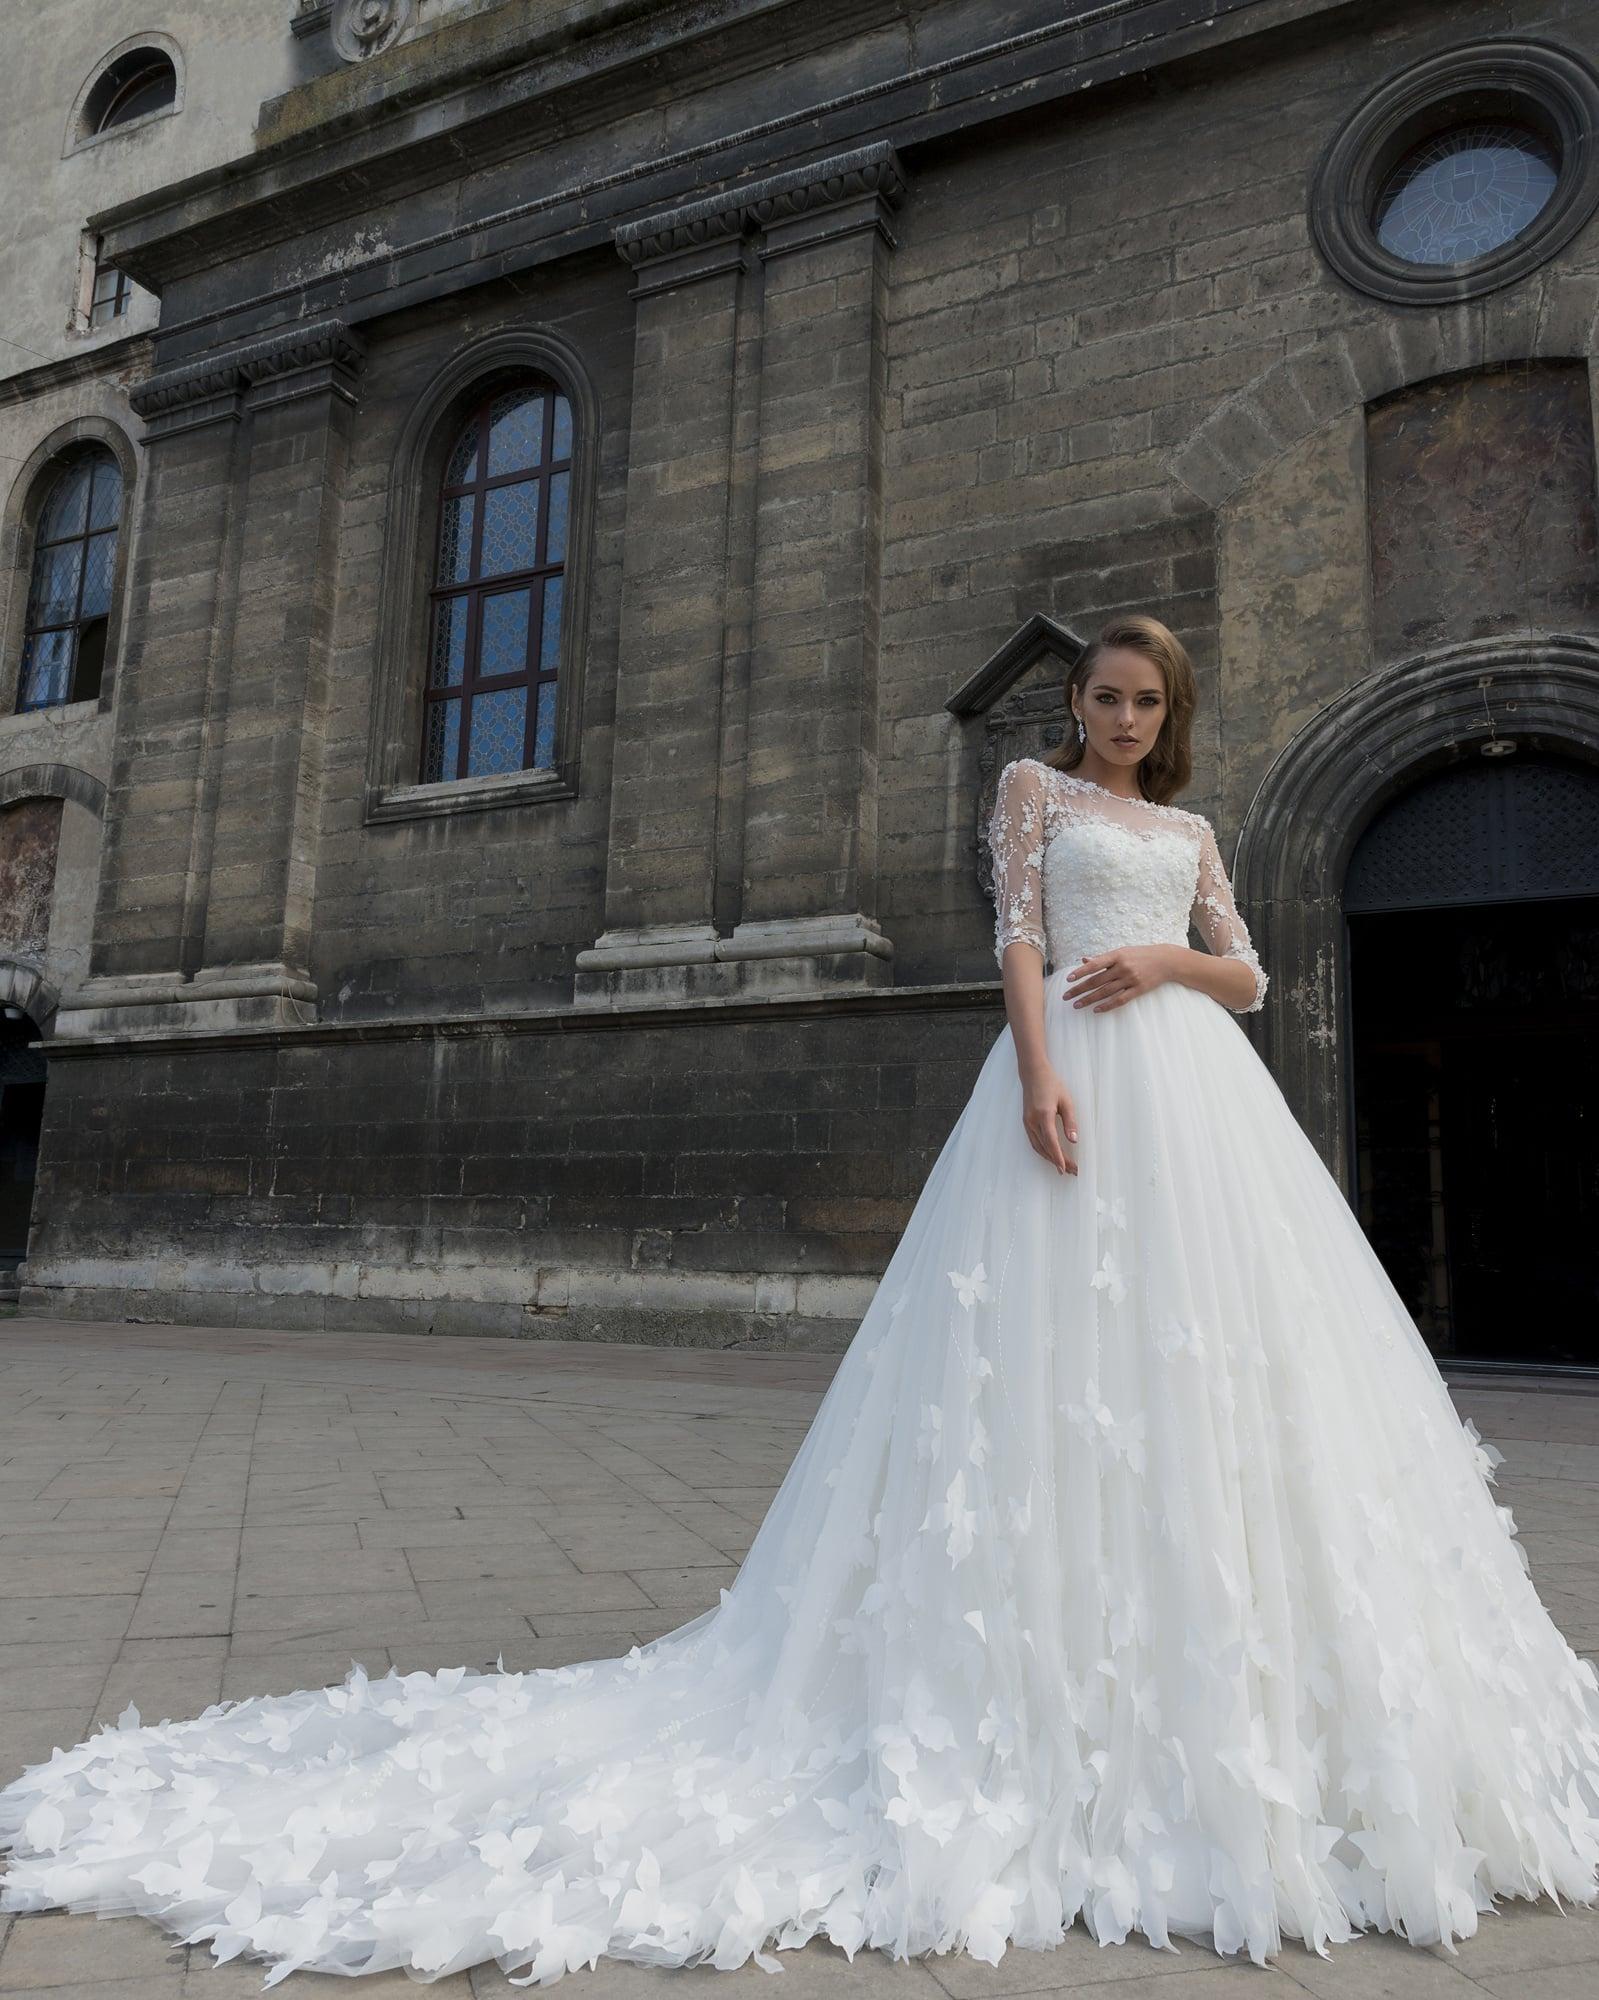 52668f02f96 Пышное свадебное платье с объемной отделкой и изящным прозрачным рукавом.